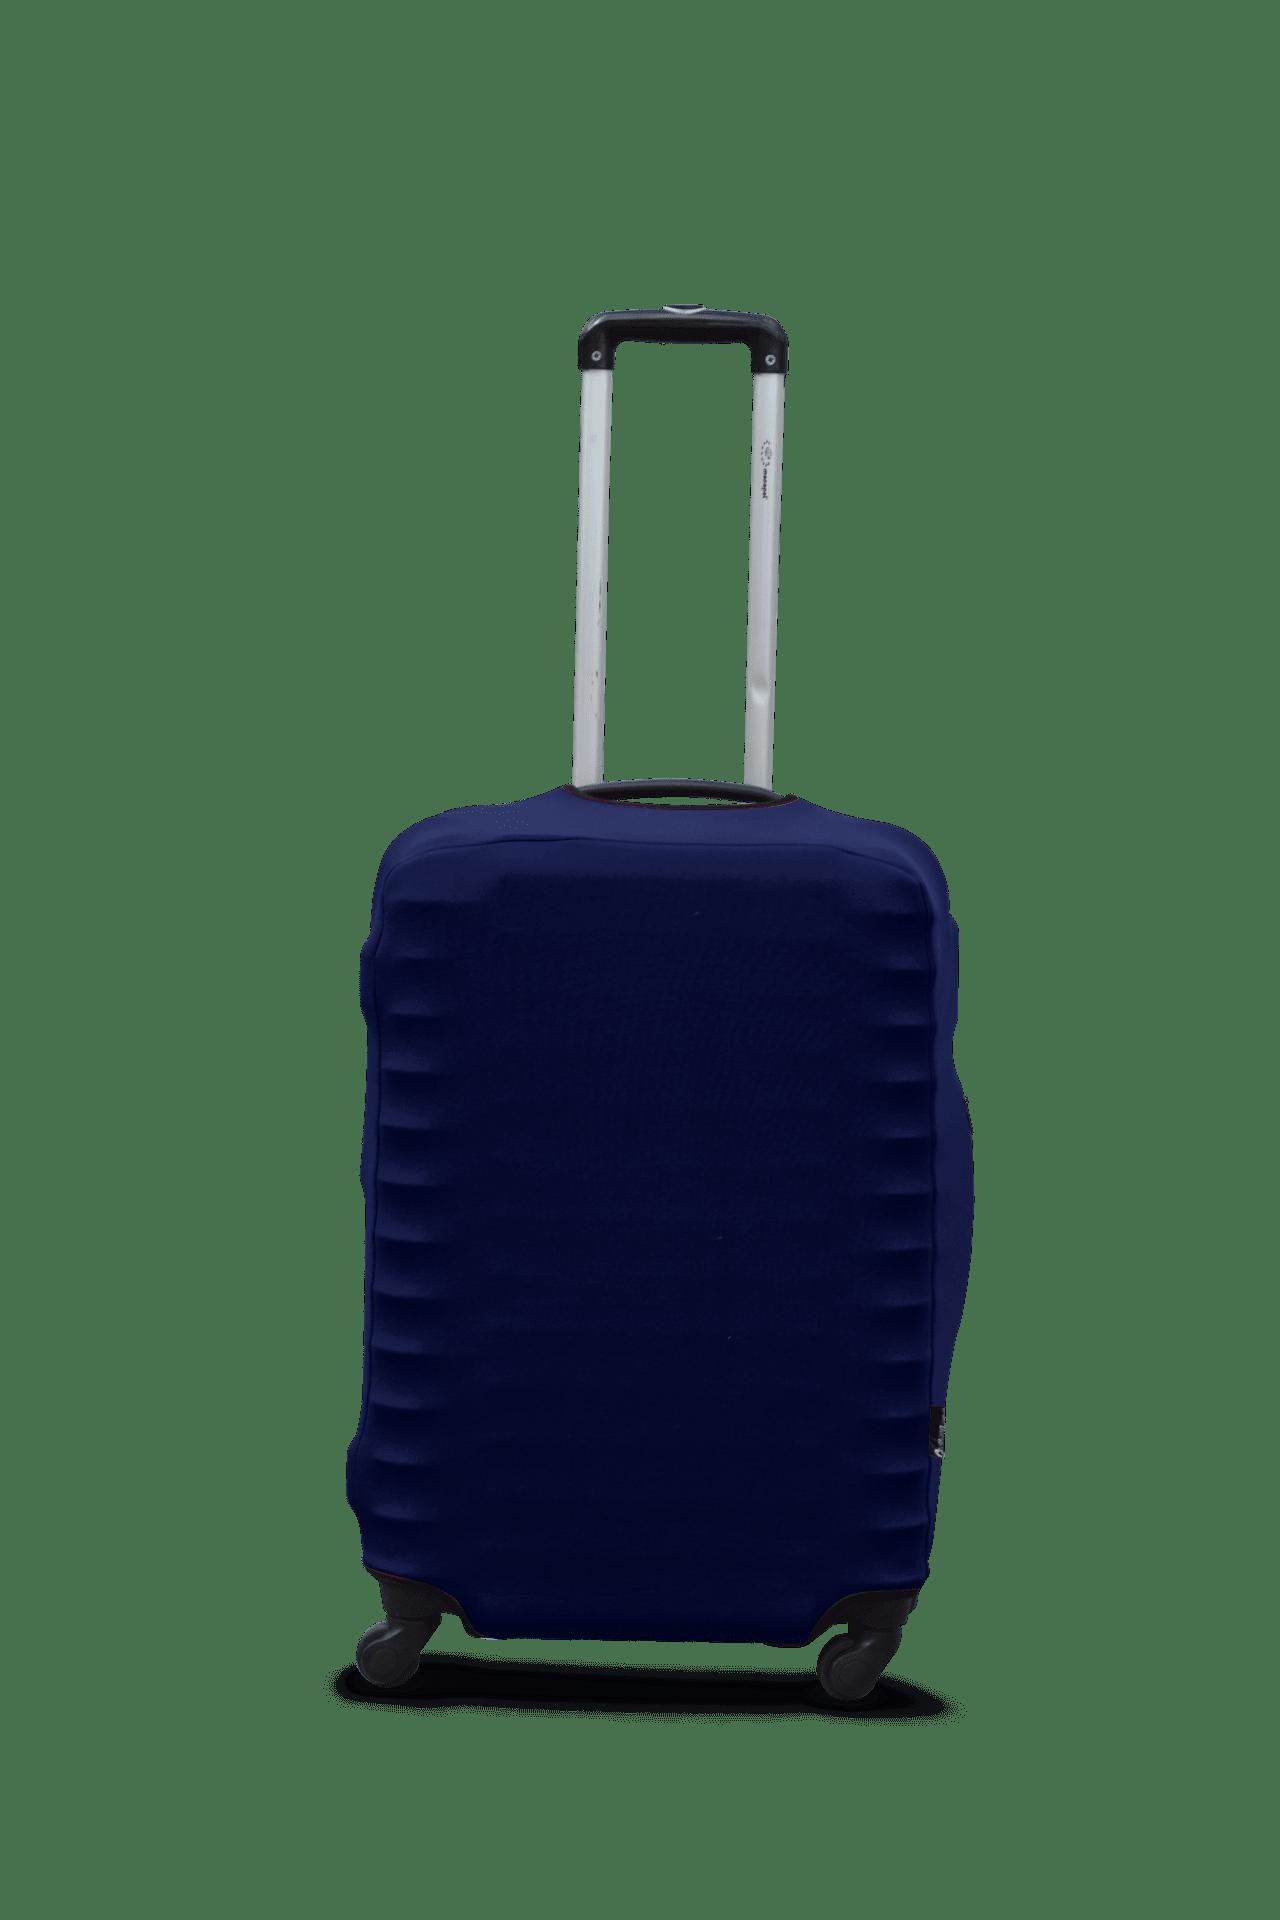 Husa pentru valiza daiving Cover dawing L BLUE